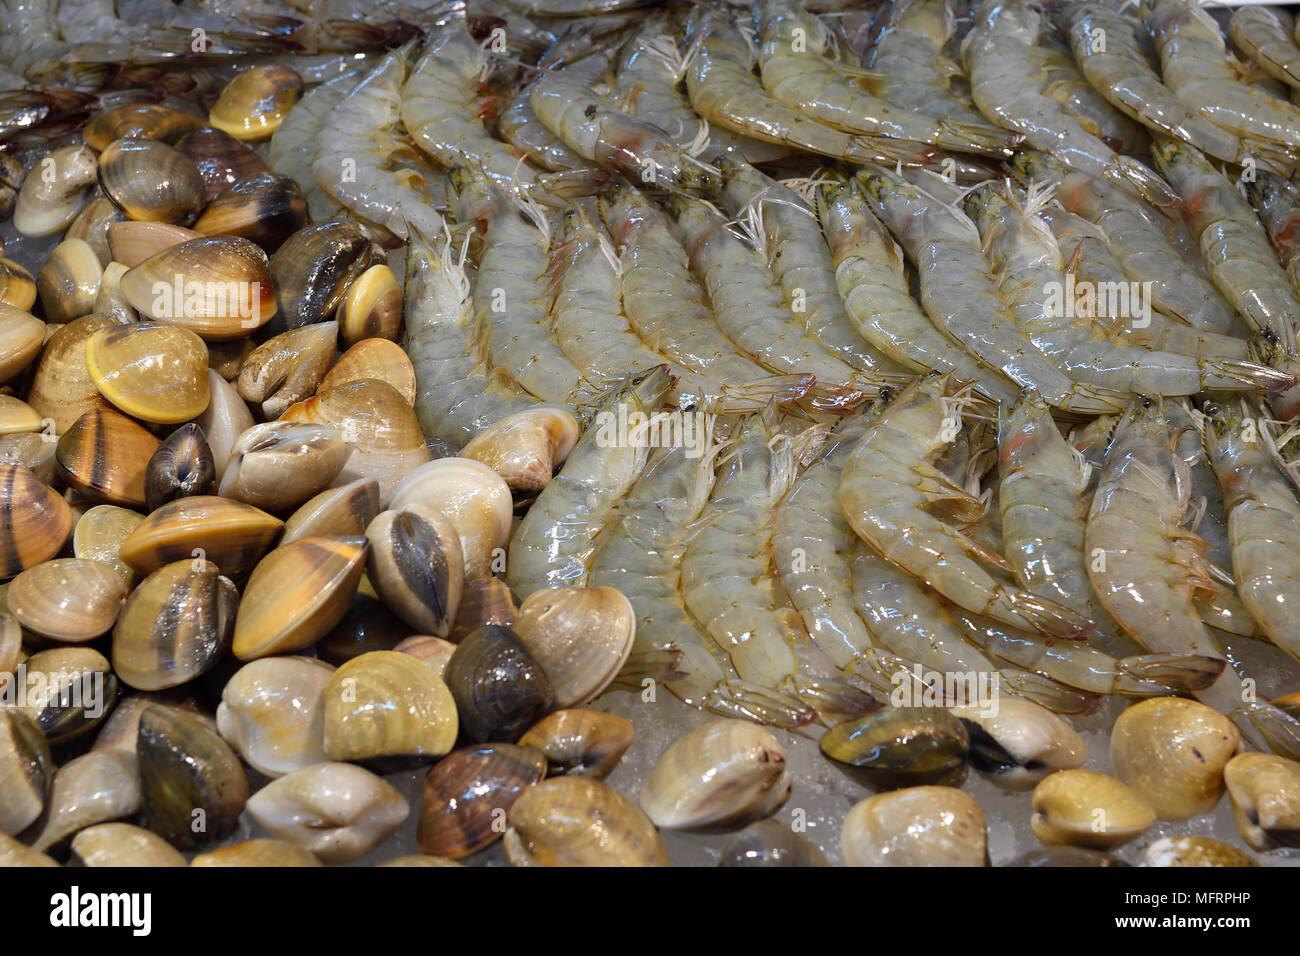 Los diferentes mariscos, pescados y mariscos del mercado de fin de semana Naka, Phuket, Tailandia Imagen De Stock